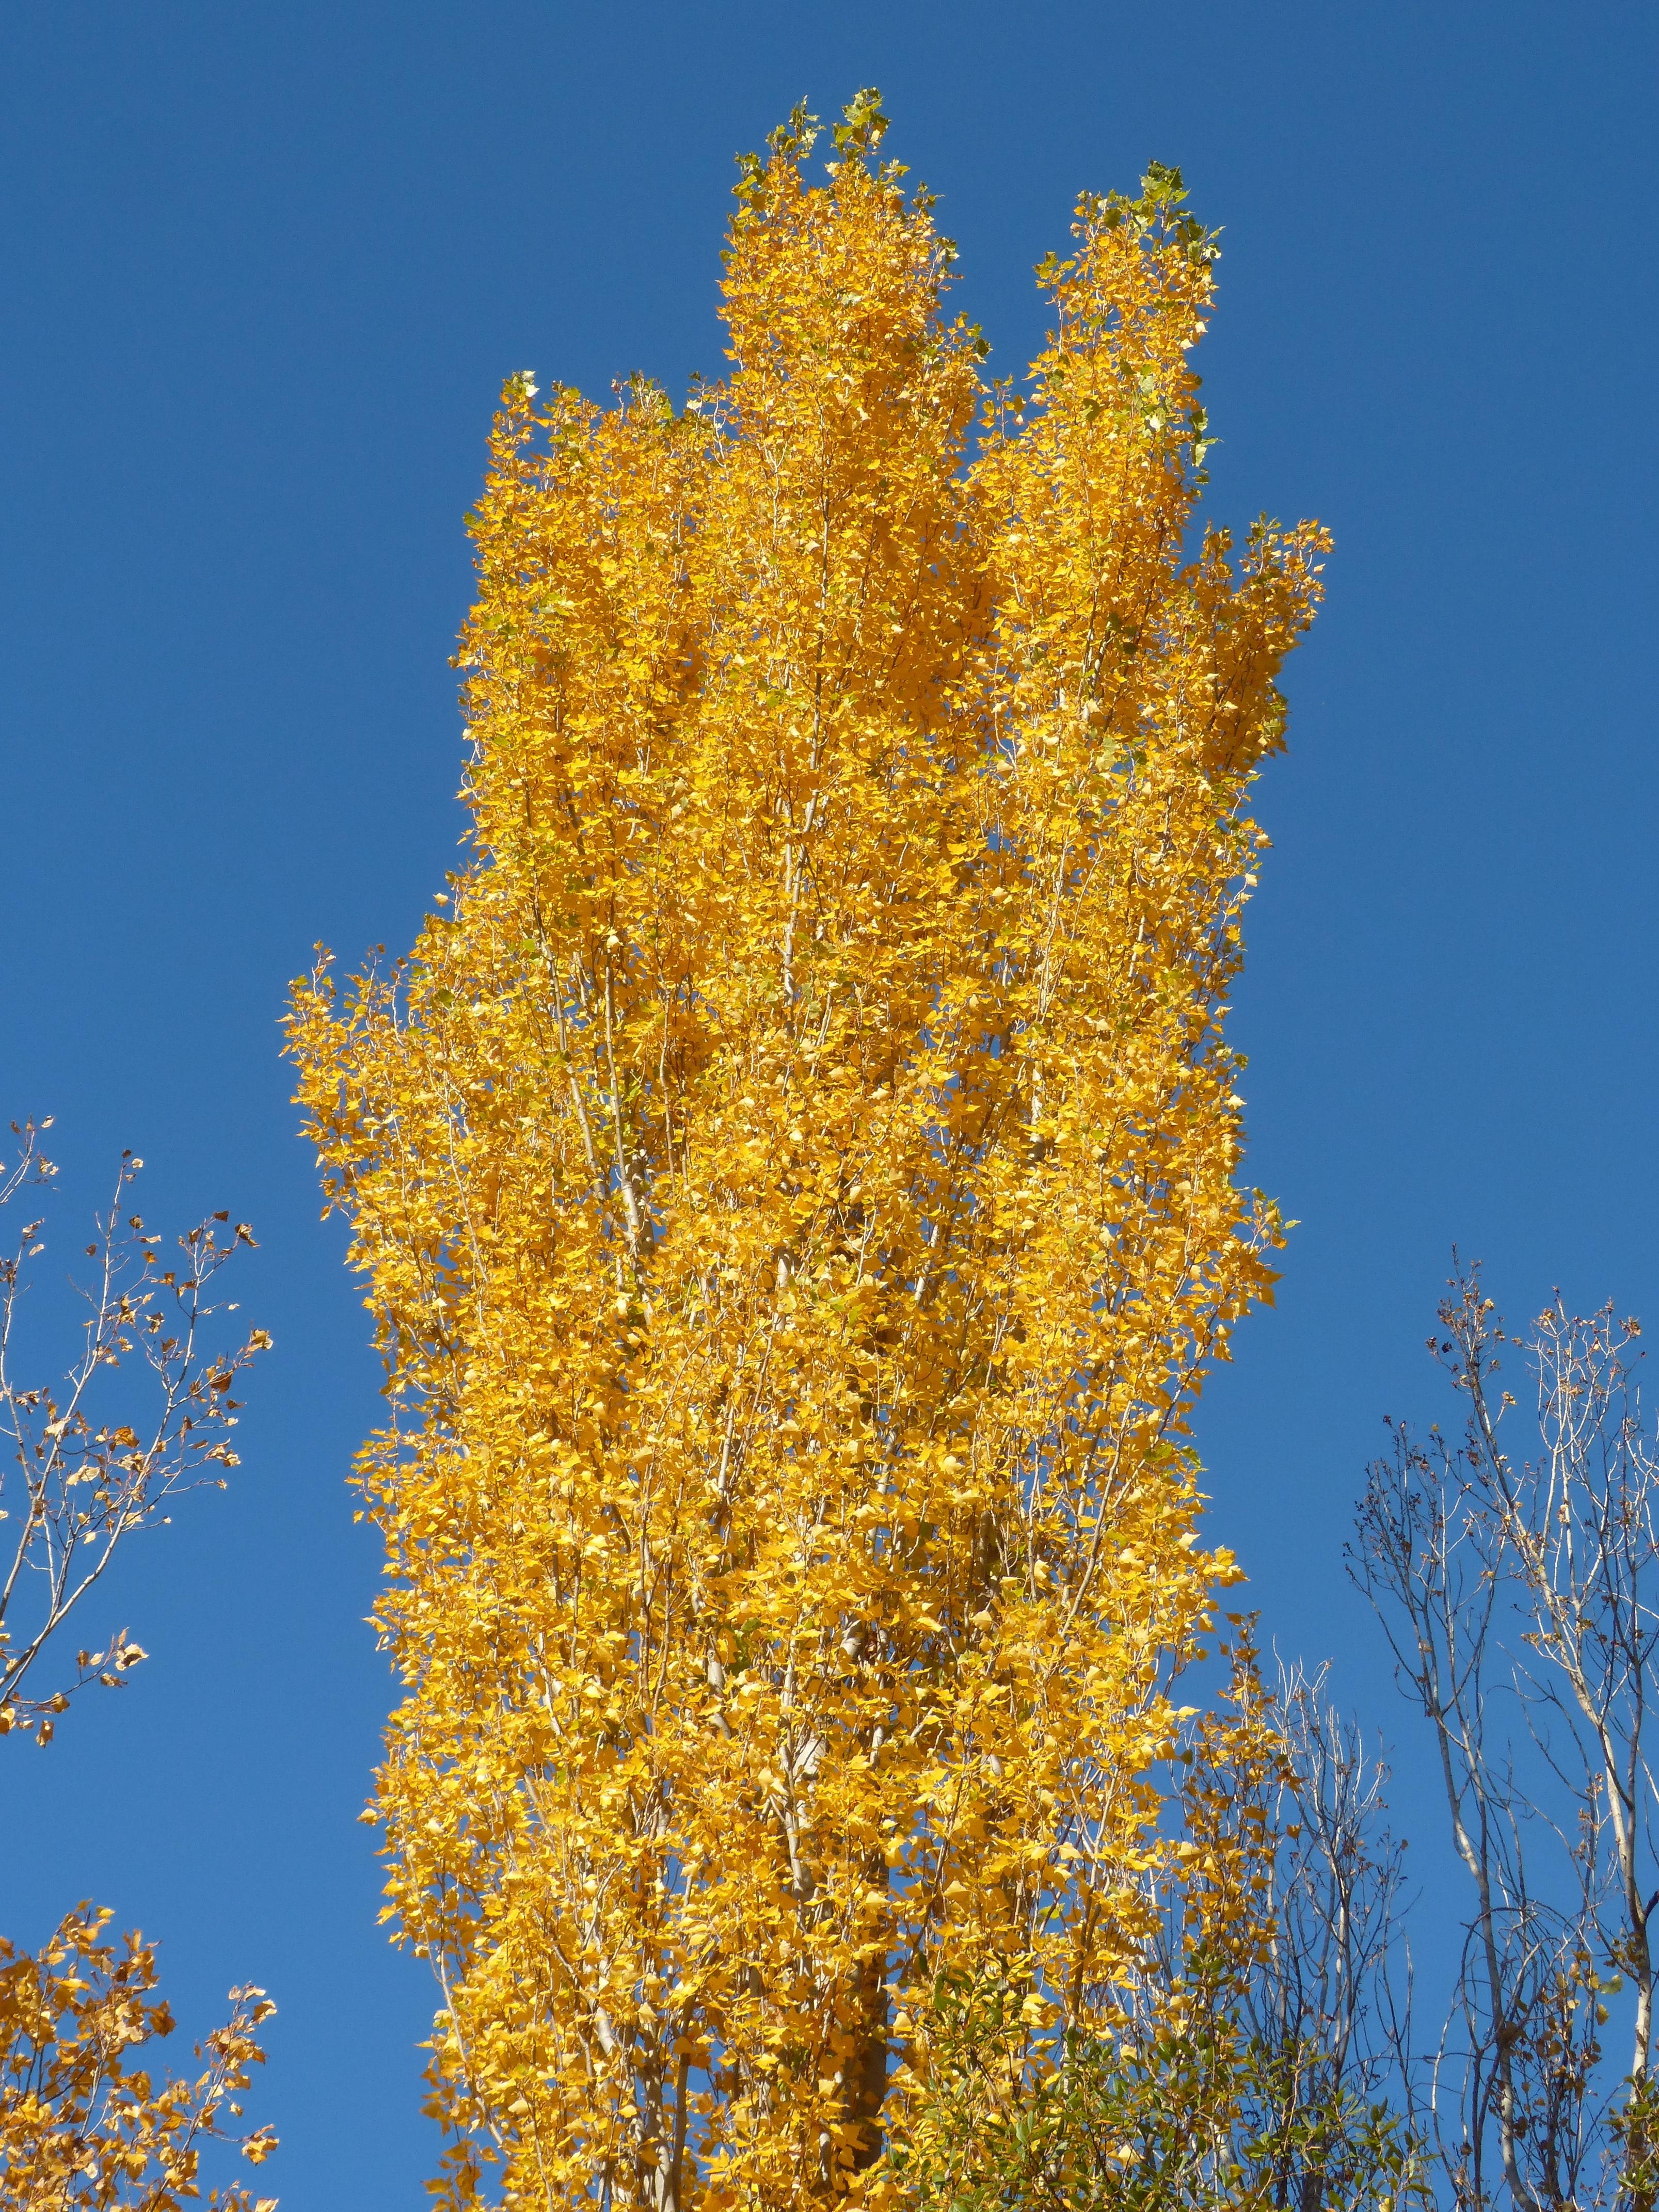 Fotos gratis : árbol, rama, cielo, luz de sol, hoja, flor, abedul ...